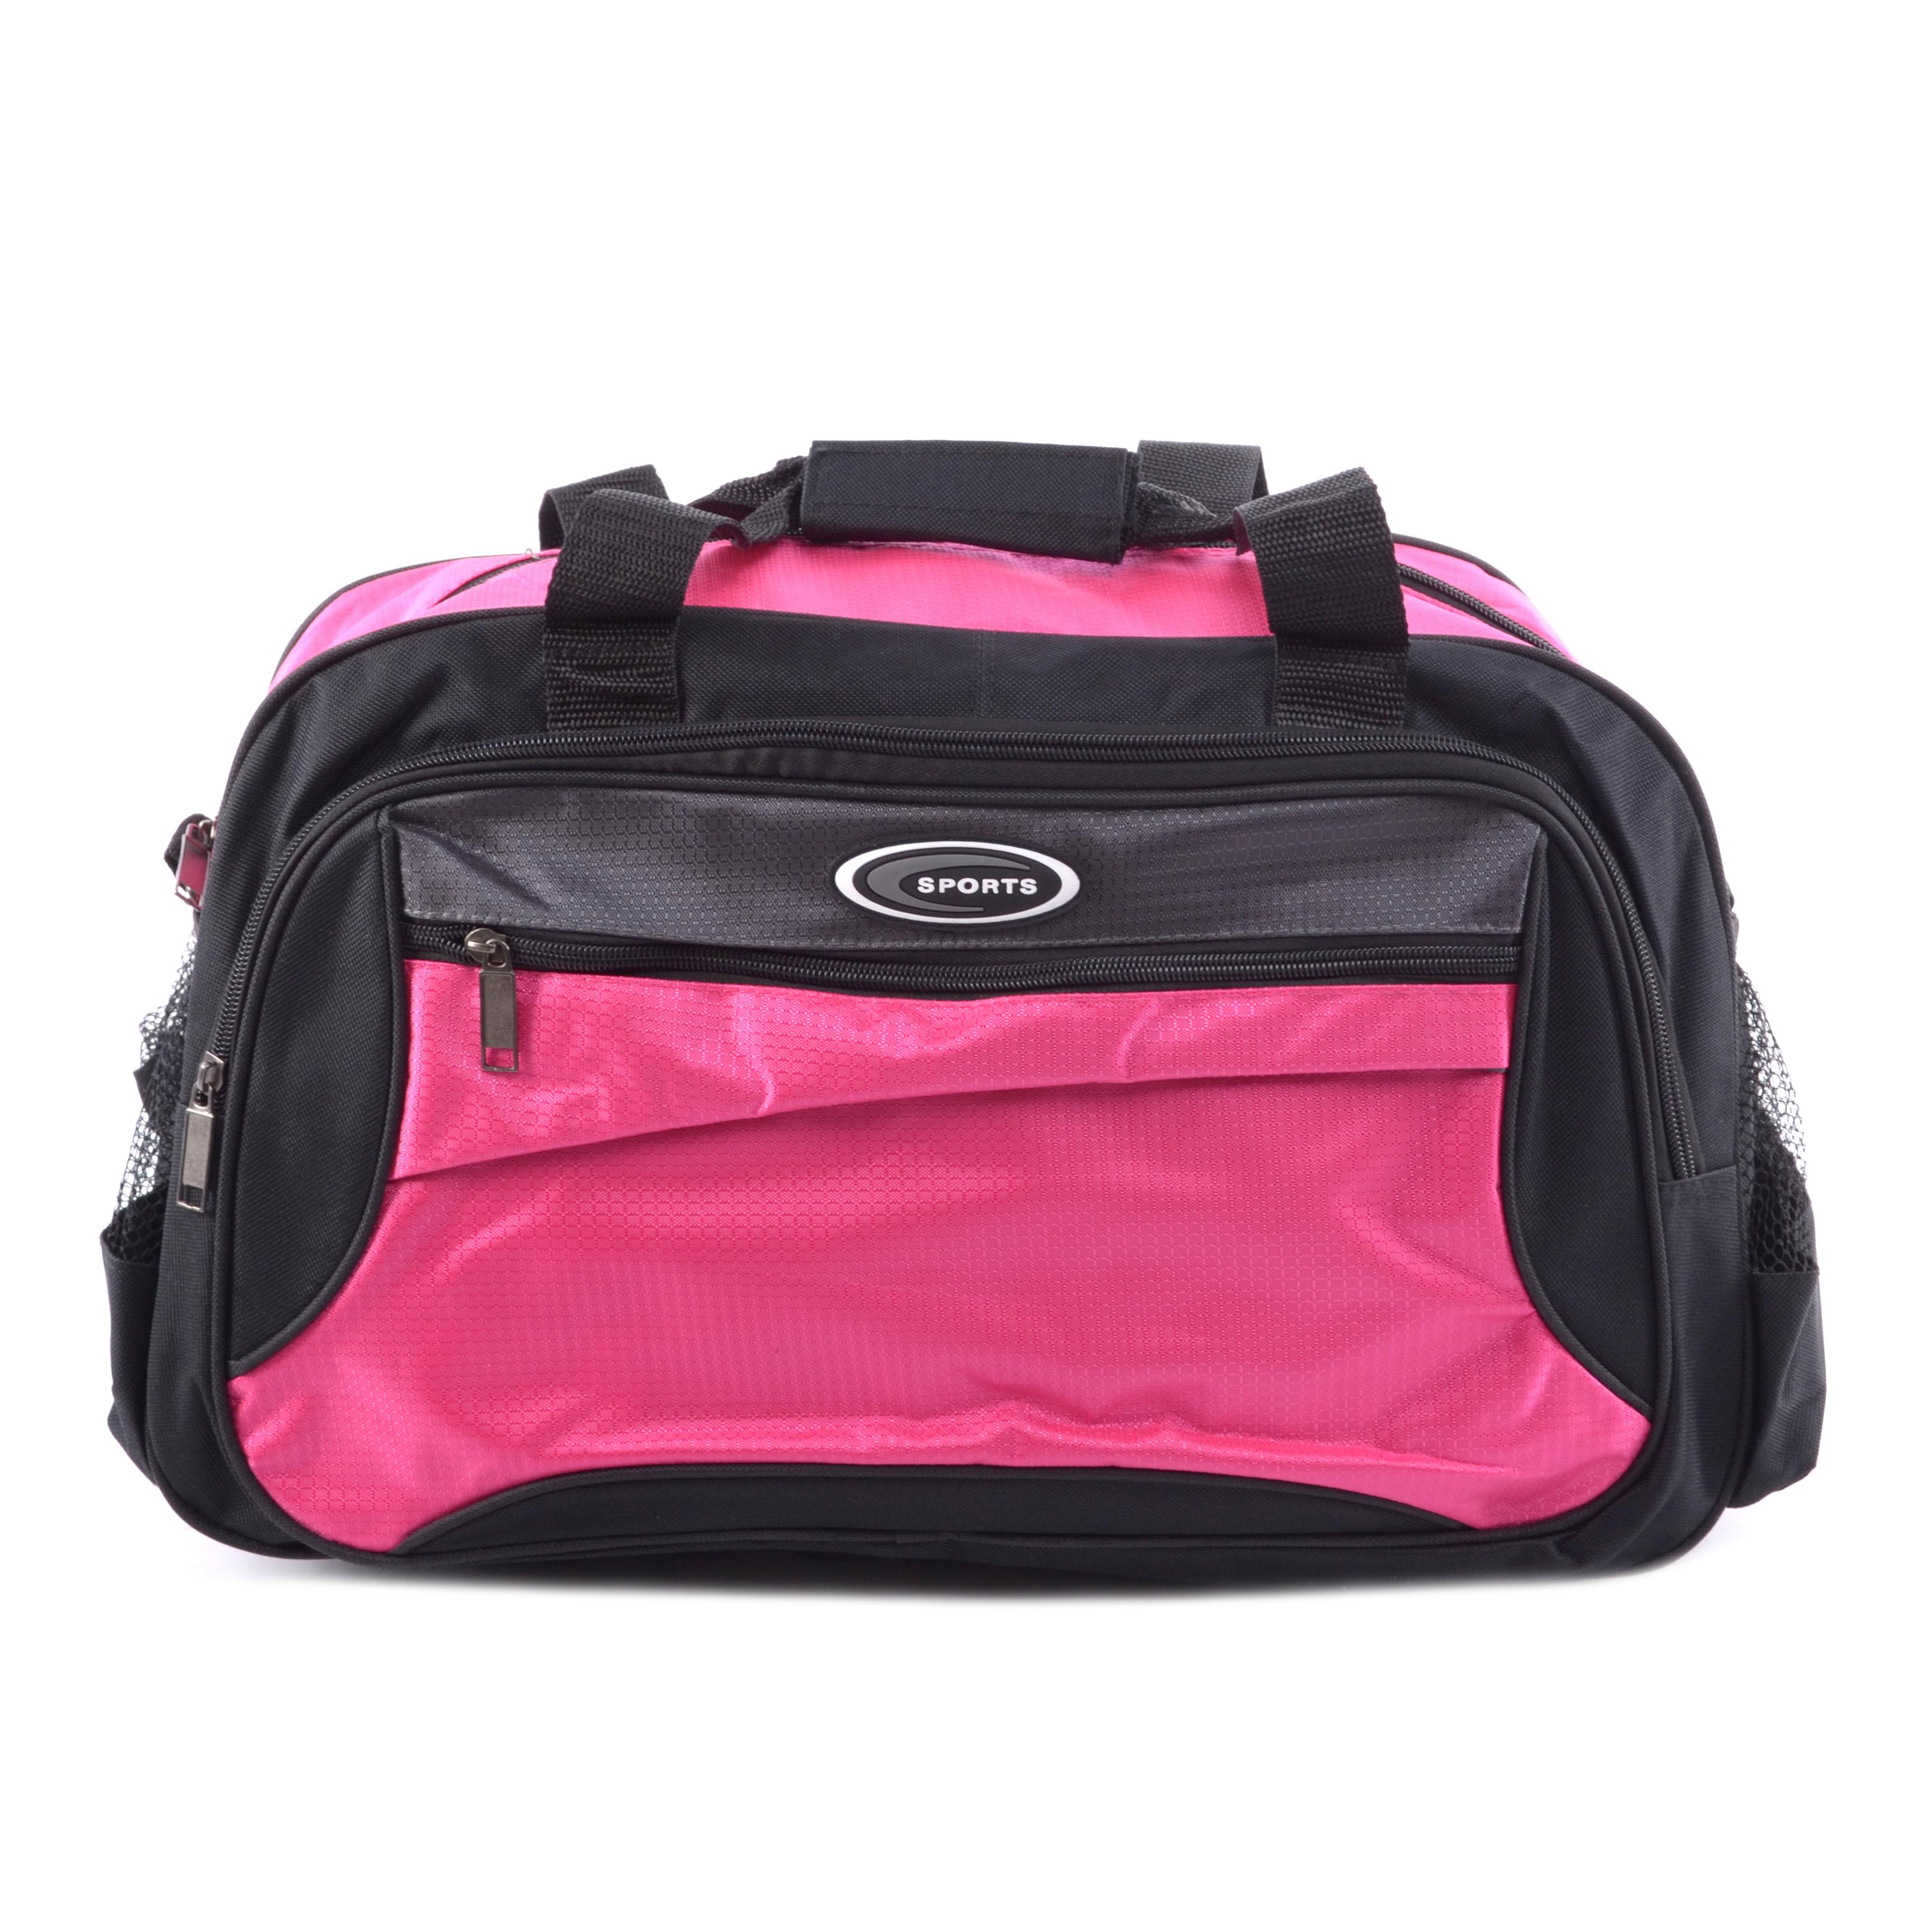 0f1e077f73d7 Besty Poliészter Sporttáska Rózsaszín - SPORTTÁSKÁK - Táska webáruház -  Minőségi táskák mindenkinek